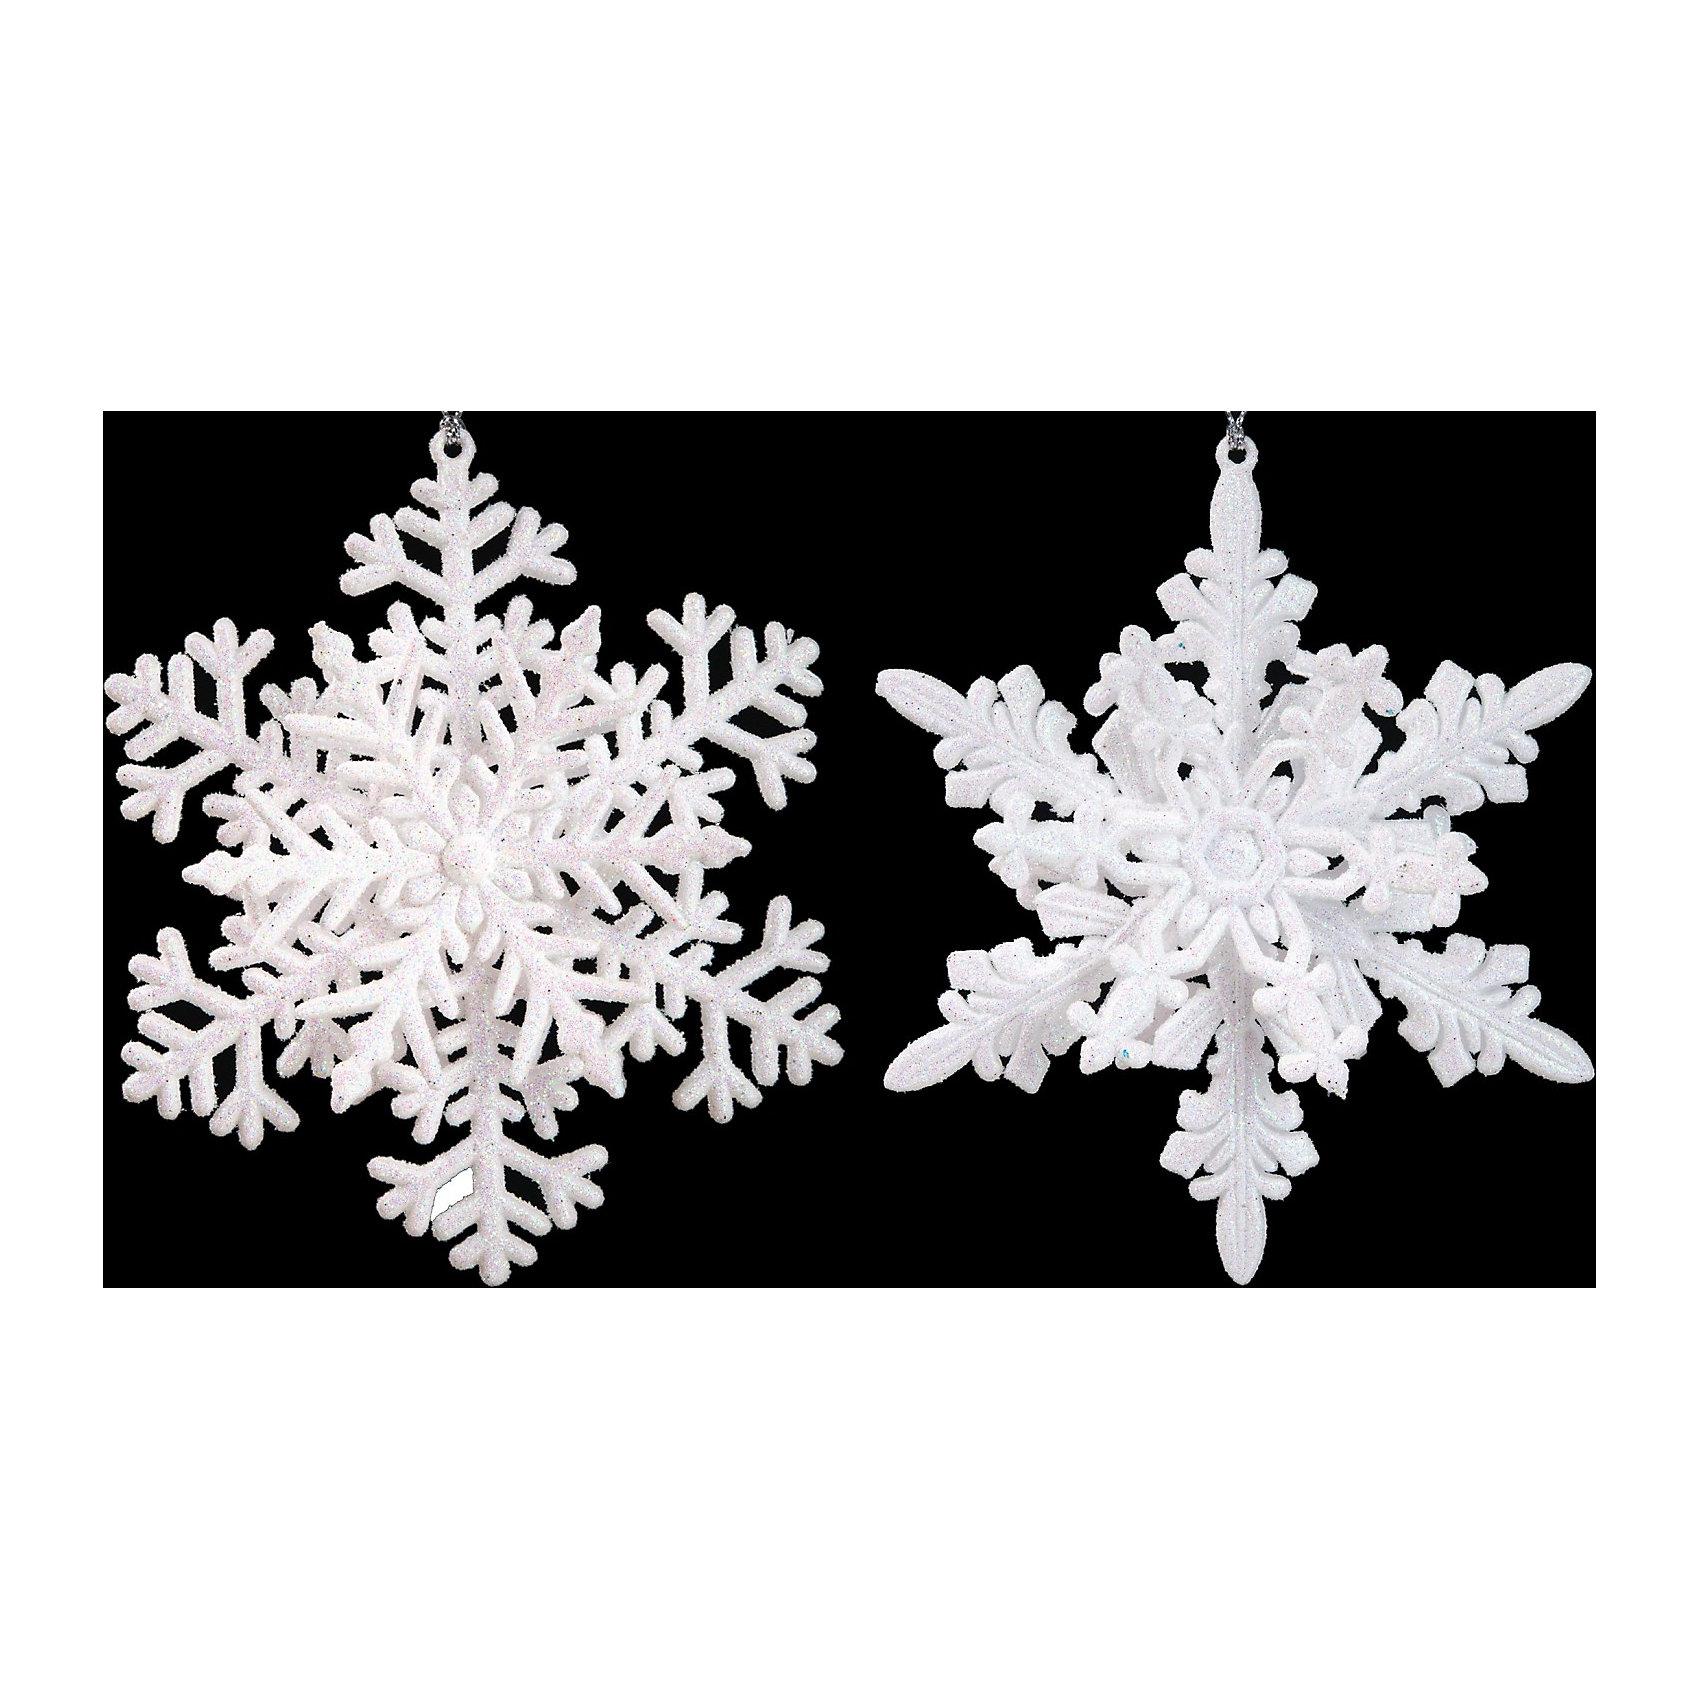 Украшение Воздушная снежинка 12,5см (в ассортименте)Новый год теплый семейный праздник! Наконец Вы можете вместе с близкими придаться любимым праздничным заботам. Украшение елки - важное событие, ведь оно запомнится ребенку как счастливое и завораживающее событие на всю жизнь! Сделайте свою елочку ярче и прекраснее с украшением Воздушная снежинка от ErichKrause (ЭрихКраузе). Трудно представить новогоднее дерево без сверкающих снежинок! Воздушная снежинка белоснежное, усыпанное витиеватыми узорами украшение, которое обязательно станет ярким штрихом в убранстве Вашей елочки! Украсьте свой дом праздничными аксессуарами от ErichKrause (ЭрихКраузе)!<br><br>Дополнительная информация:<br><br>- Чудесная елочная игрушка;<br>- Отличный новогодний подарок;<br>- Материал: пластик;<br>- Размер украшения: 12,5 см;<br>- Размер упаковки: 3,5 х 12 х 9 см;<br>- Цвет: белый;<br>- Вес: 49 г<br><br>Внимание! Украшение поставляется в двух разных дизайнах. К сожалению, заранее выбрать определенный дизайн нельзя.<br><br>Украшение Воздушная снежинка 12,5см (в ассортименте), ErichKrause (ЭрихКраузе) можно купить в нашем интернет-магазине.<br><br>Ширина мм: 35<br>Глубина мм: 120<br>Высота мм: 90<br>Вес г: 49<br>Возраст от месяцев: 36<br>Возраст до месяцев: 216<br>Пол: Унисекс<br>Возраст: Детский<br>SKU: 3857255